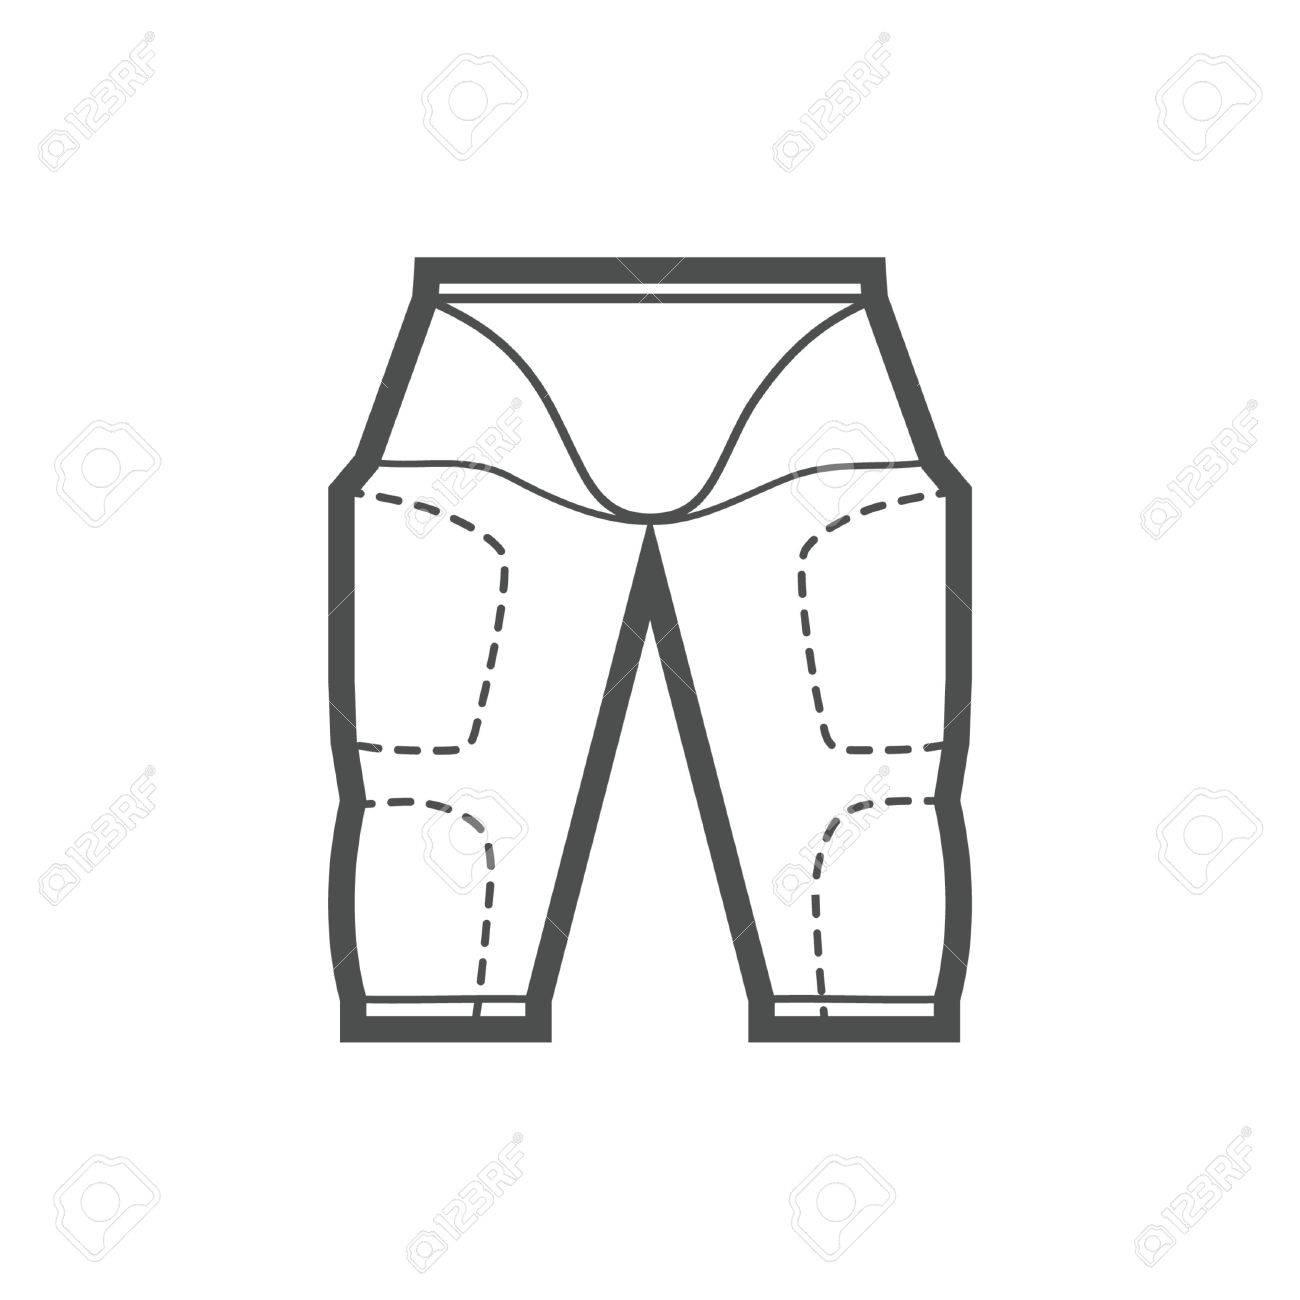 Pantalones De Futbol Americano Ilustraciones Vectoriales Clip Art Vectorizado Libre De Derechos Image 74130409